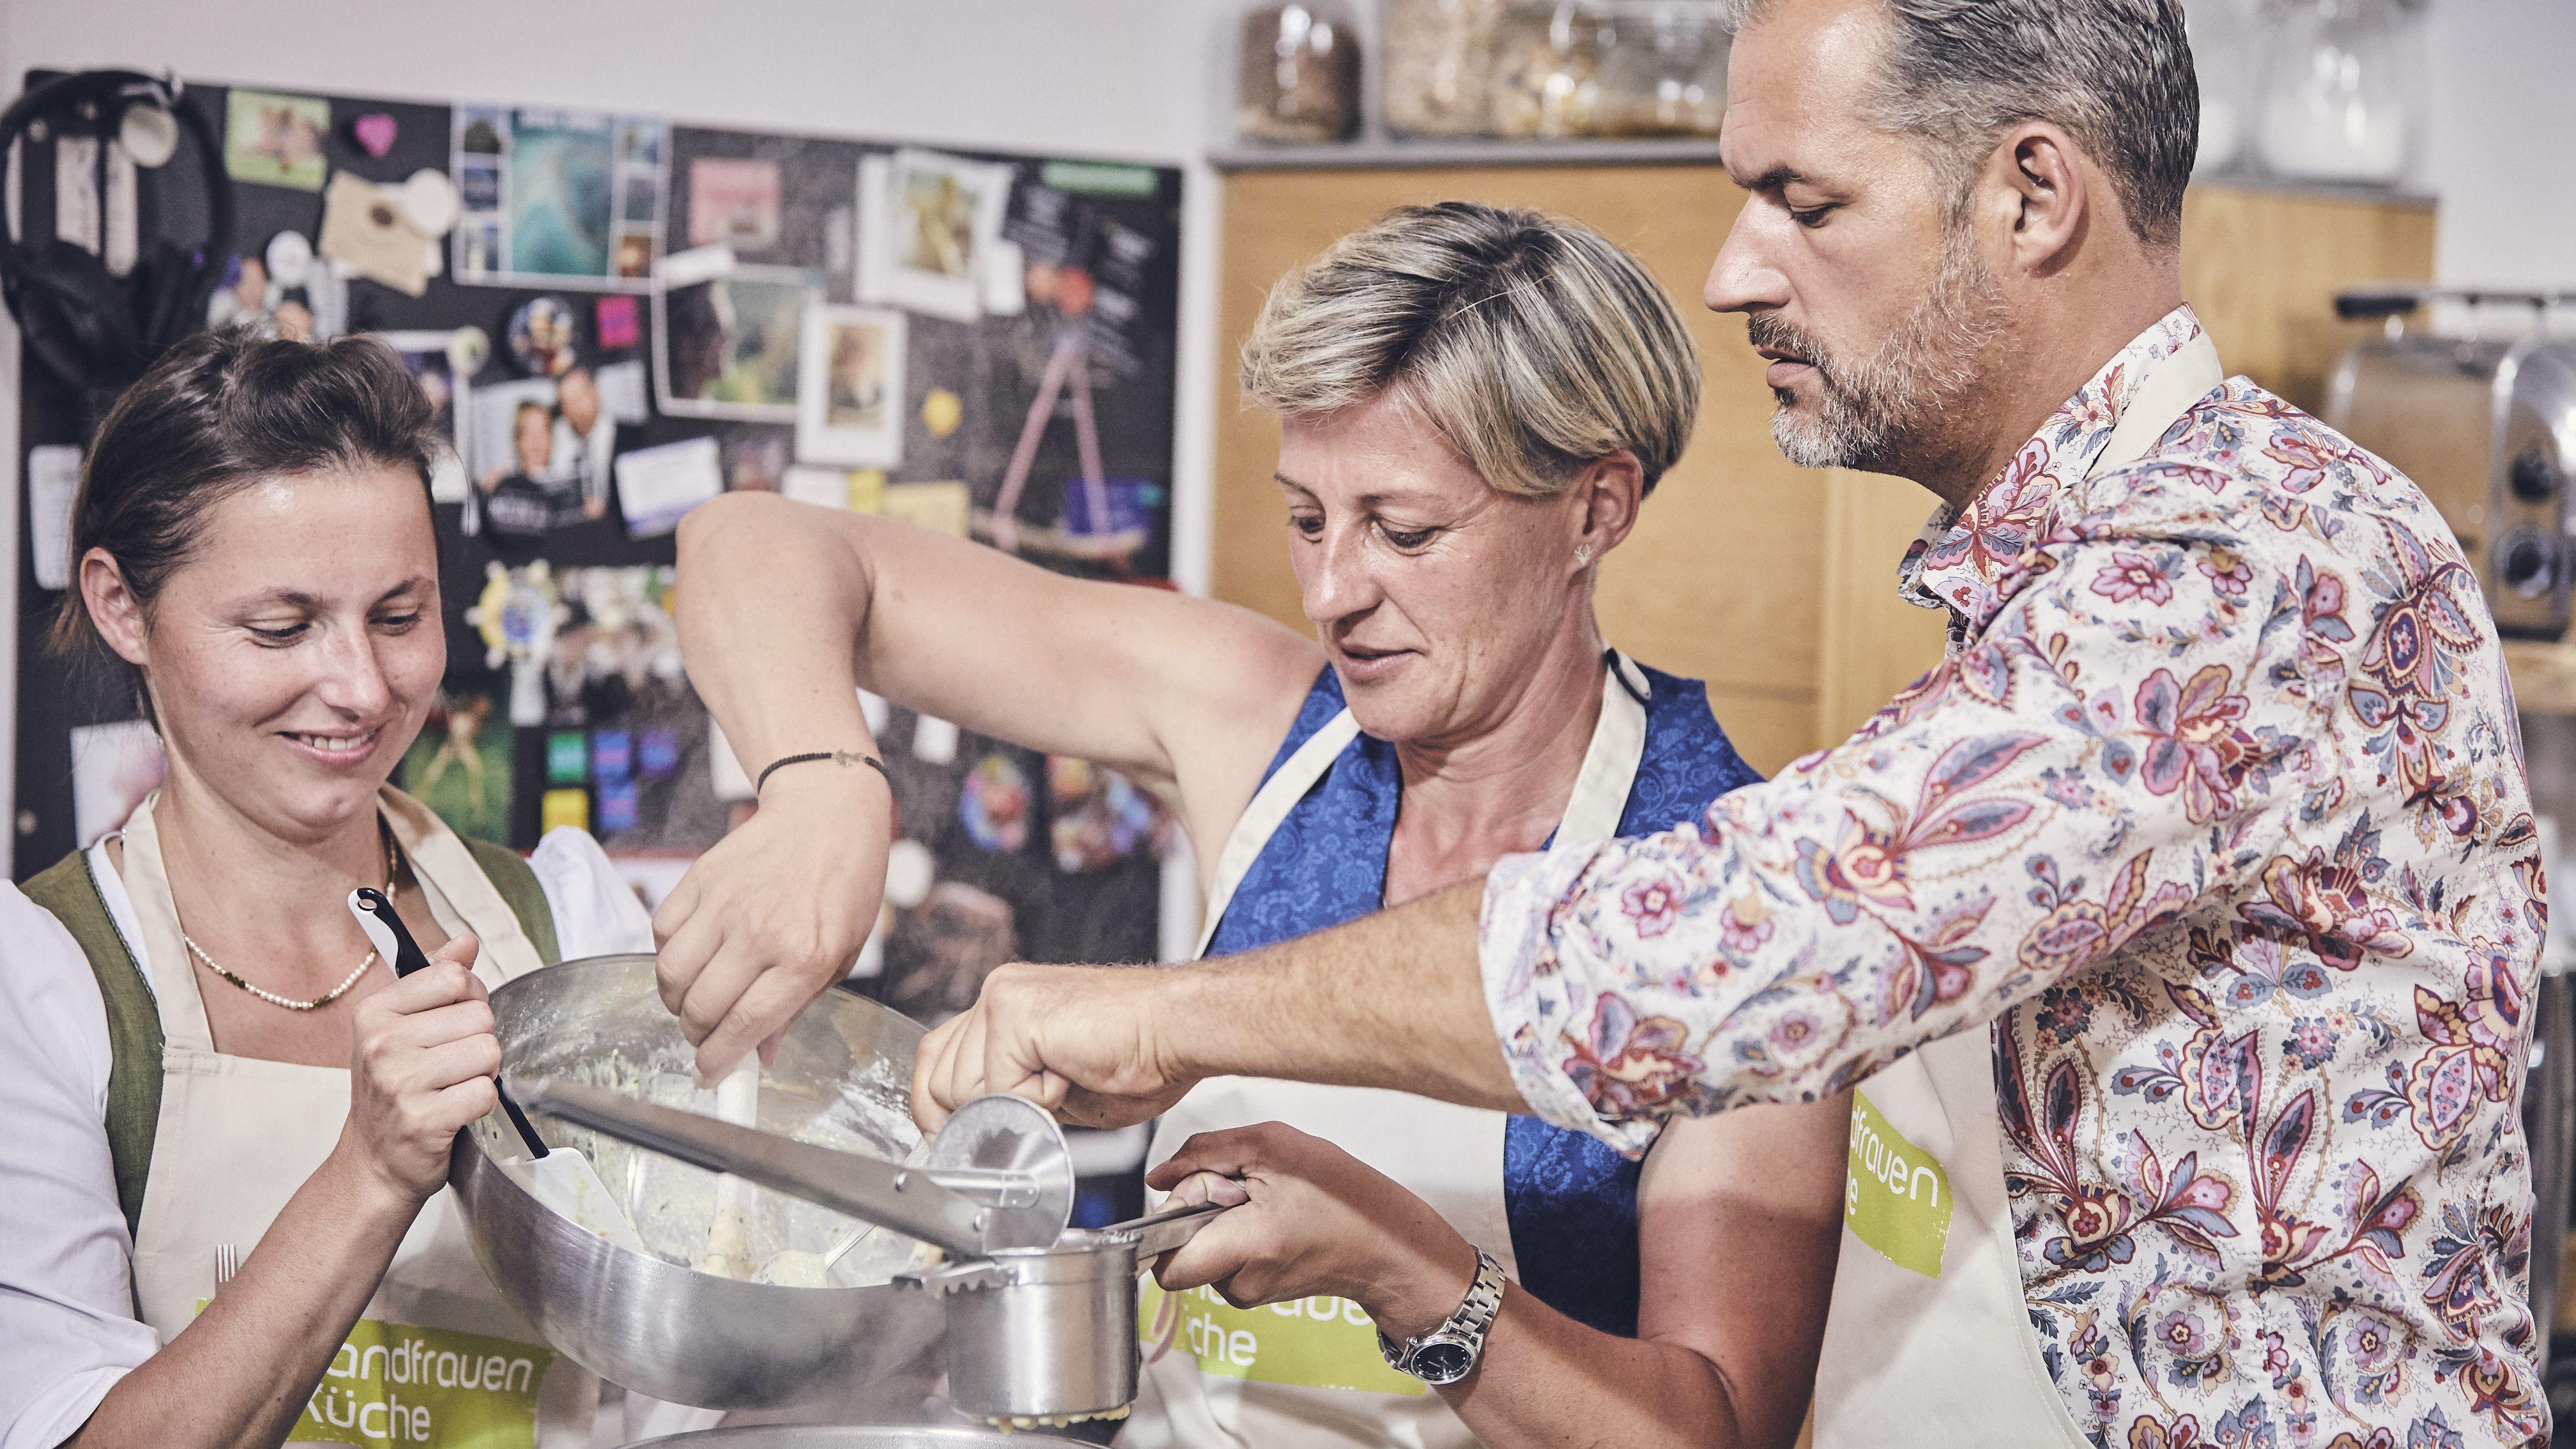 Mathilde Falter-Weiderer (Mitte) kocht im Finale zusammen mit dem Schauspieler Florian Wagner das Siegermenü